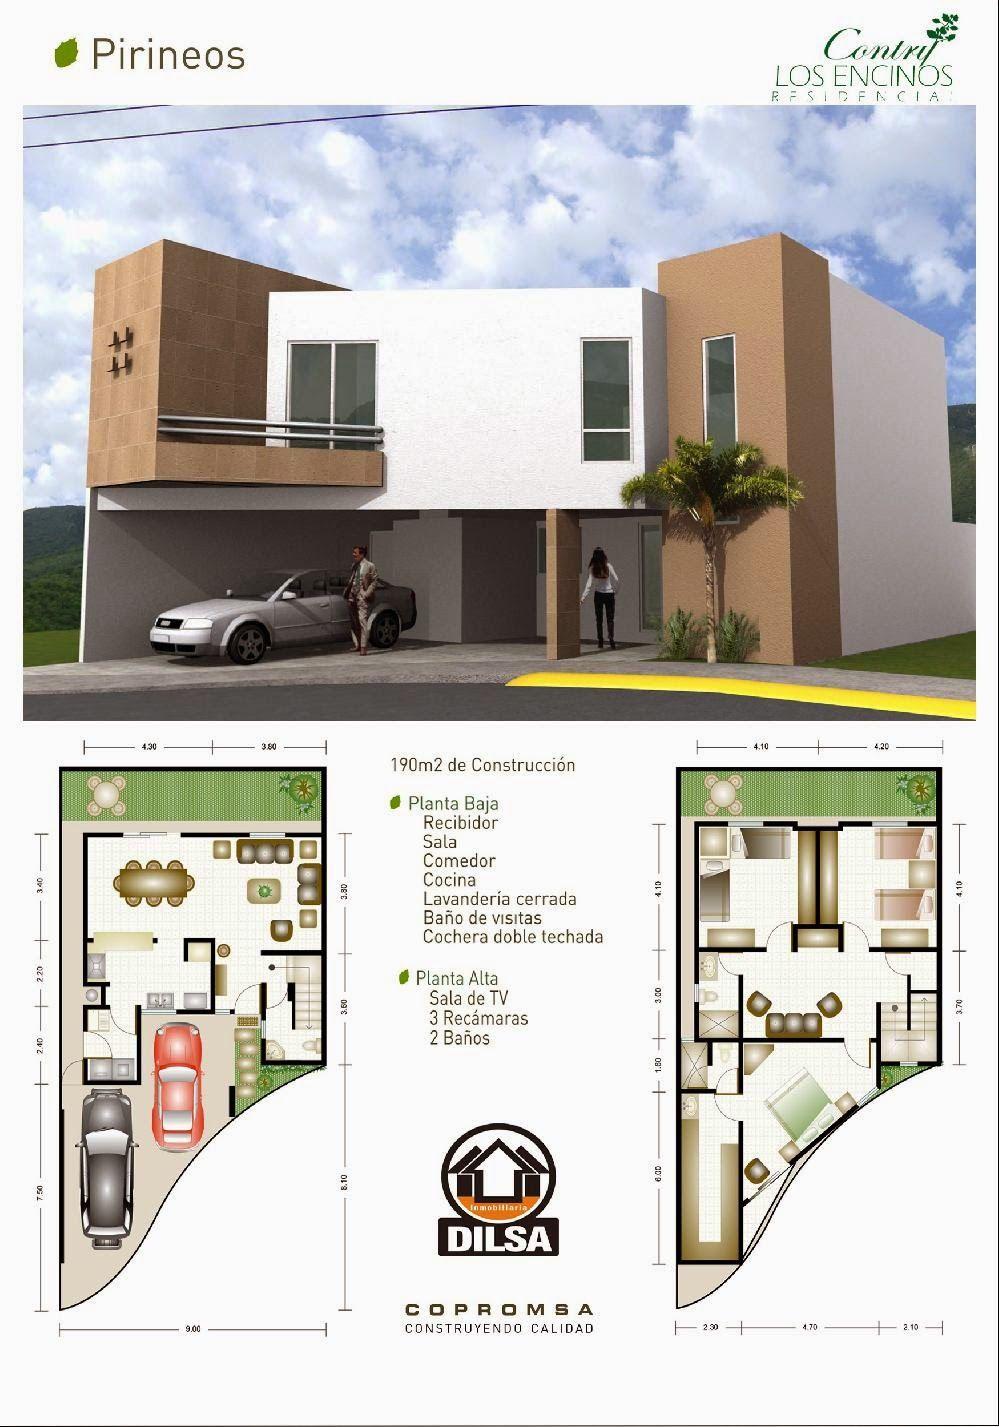 Modelo pirineos en contry los encinos residencial for Proyecto casa habitacion minimalista